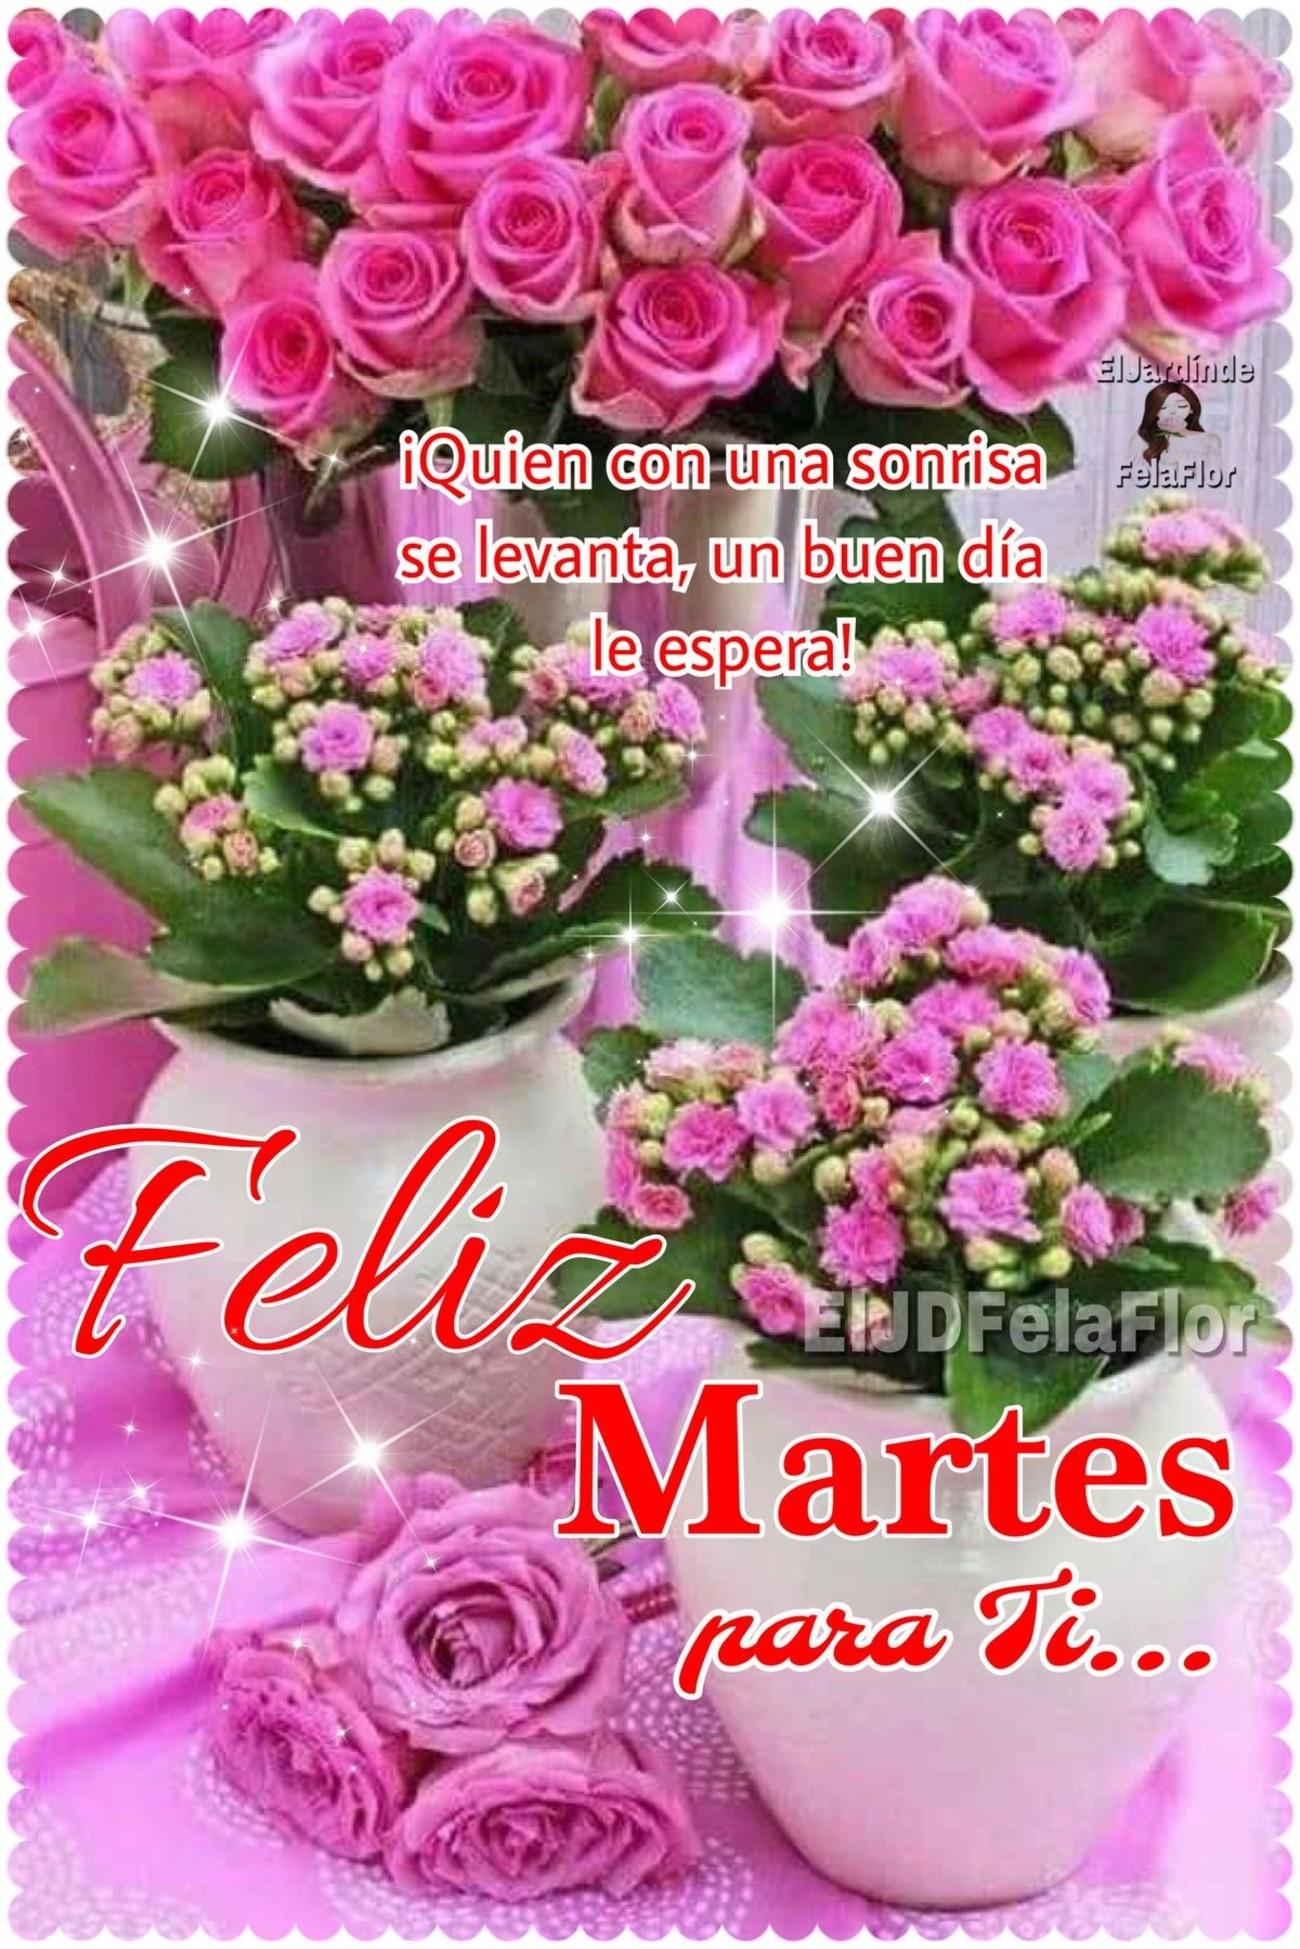 Feliz Martes amigos 211 - BonitasImagenes.net